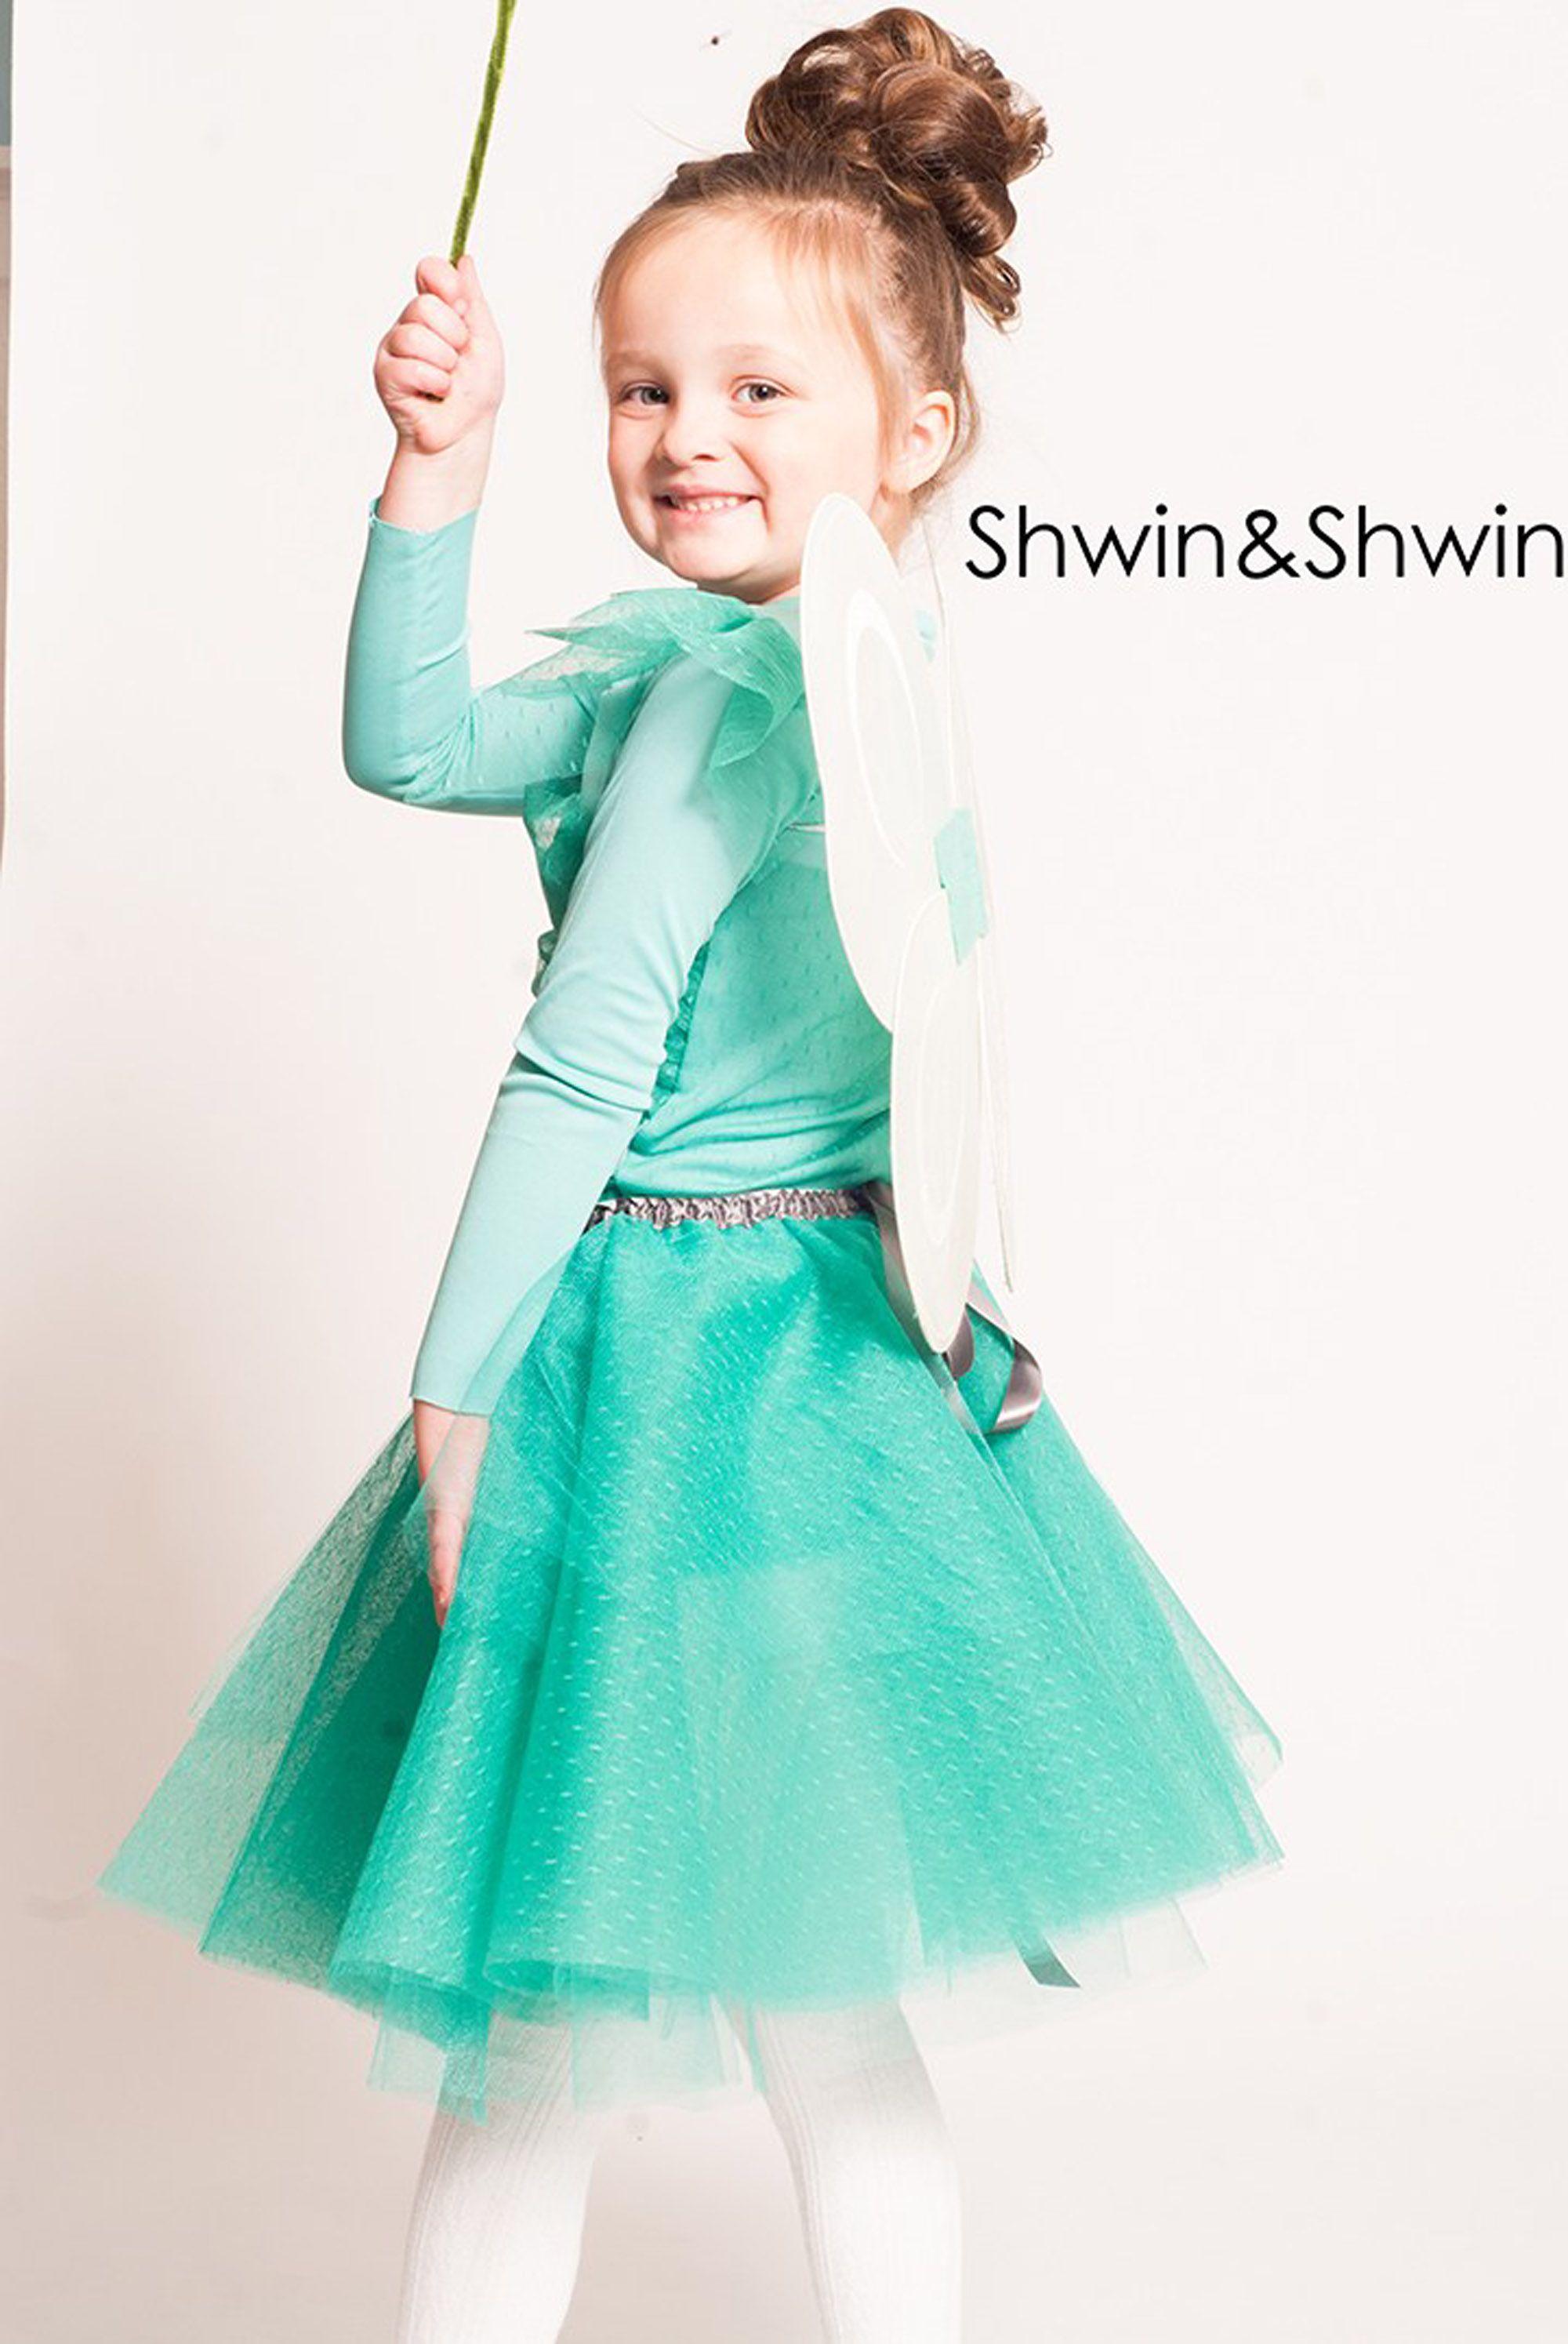 92d61f1571 30 DIY Disney Princess Costumes - Homemade Princess Dresses for Kids